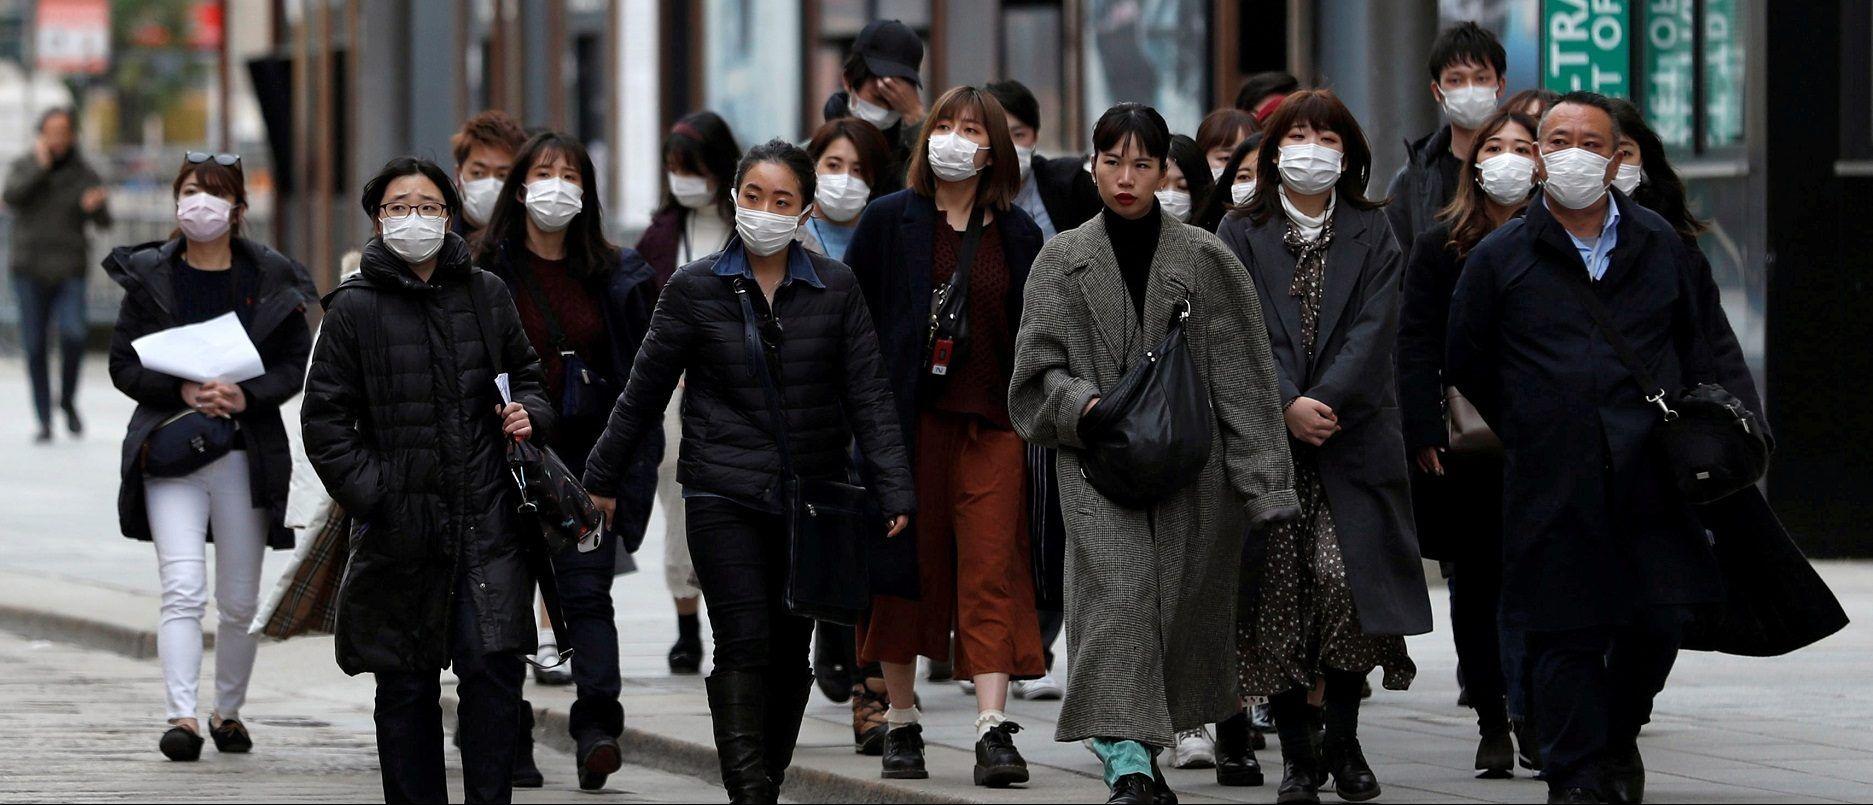 سيصيب فيروس كورونا المستجد من 60 إلى 70 بالمئة من البشر